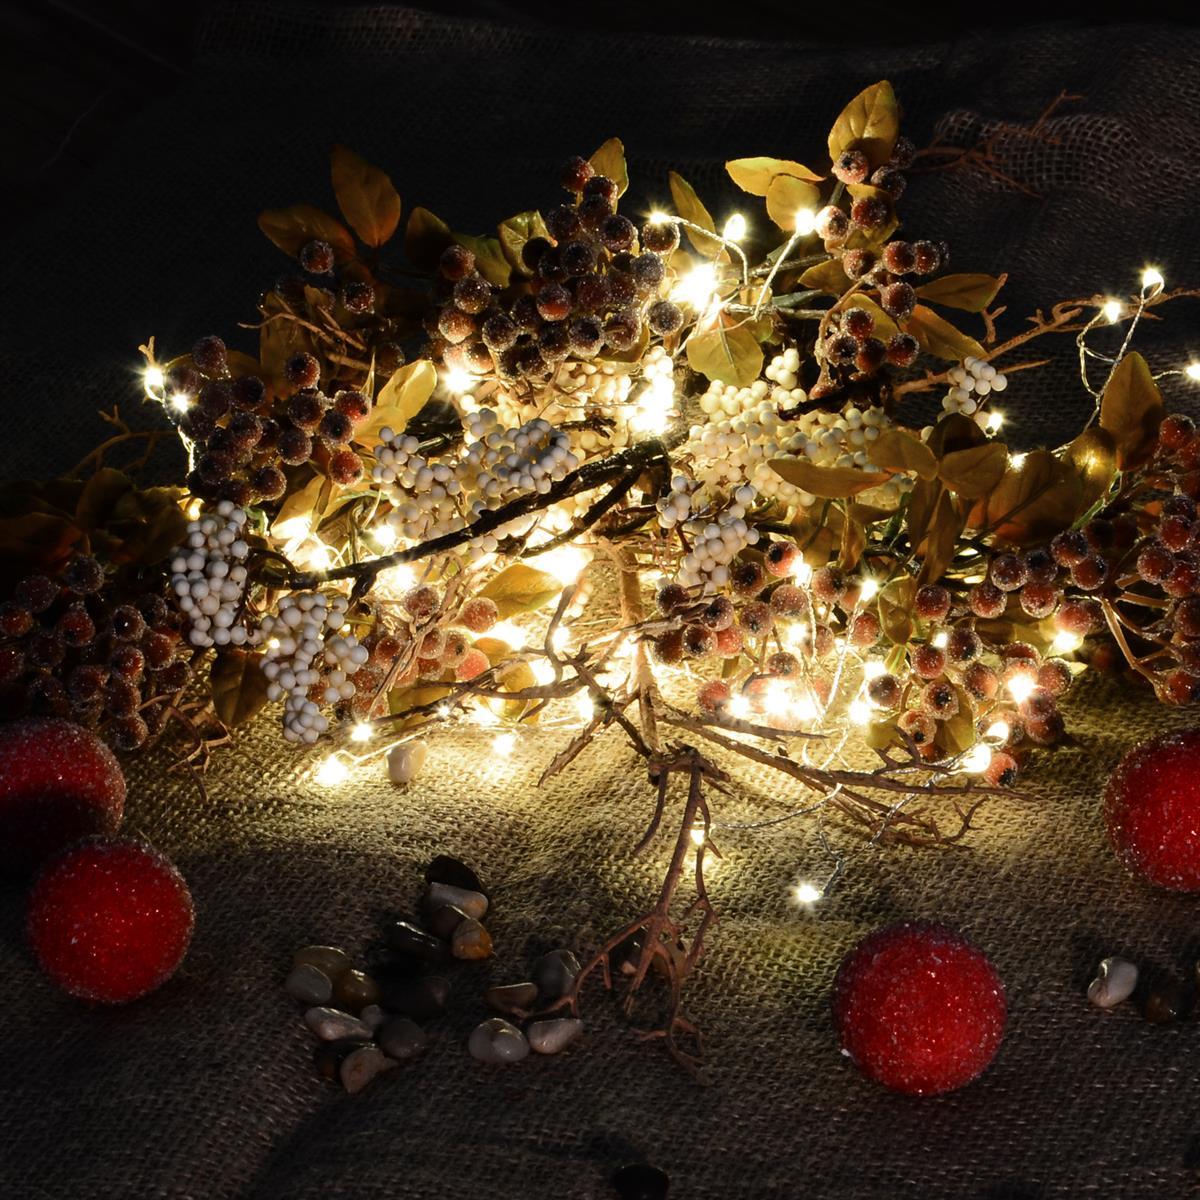 Weihnachtsdeko Innenbereich.100 Led Büschellichterkette Warm Weiß Cluster Silberdraht Trafo